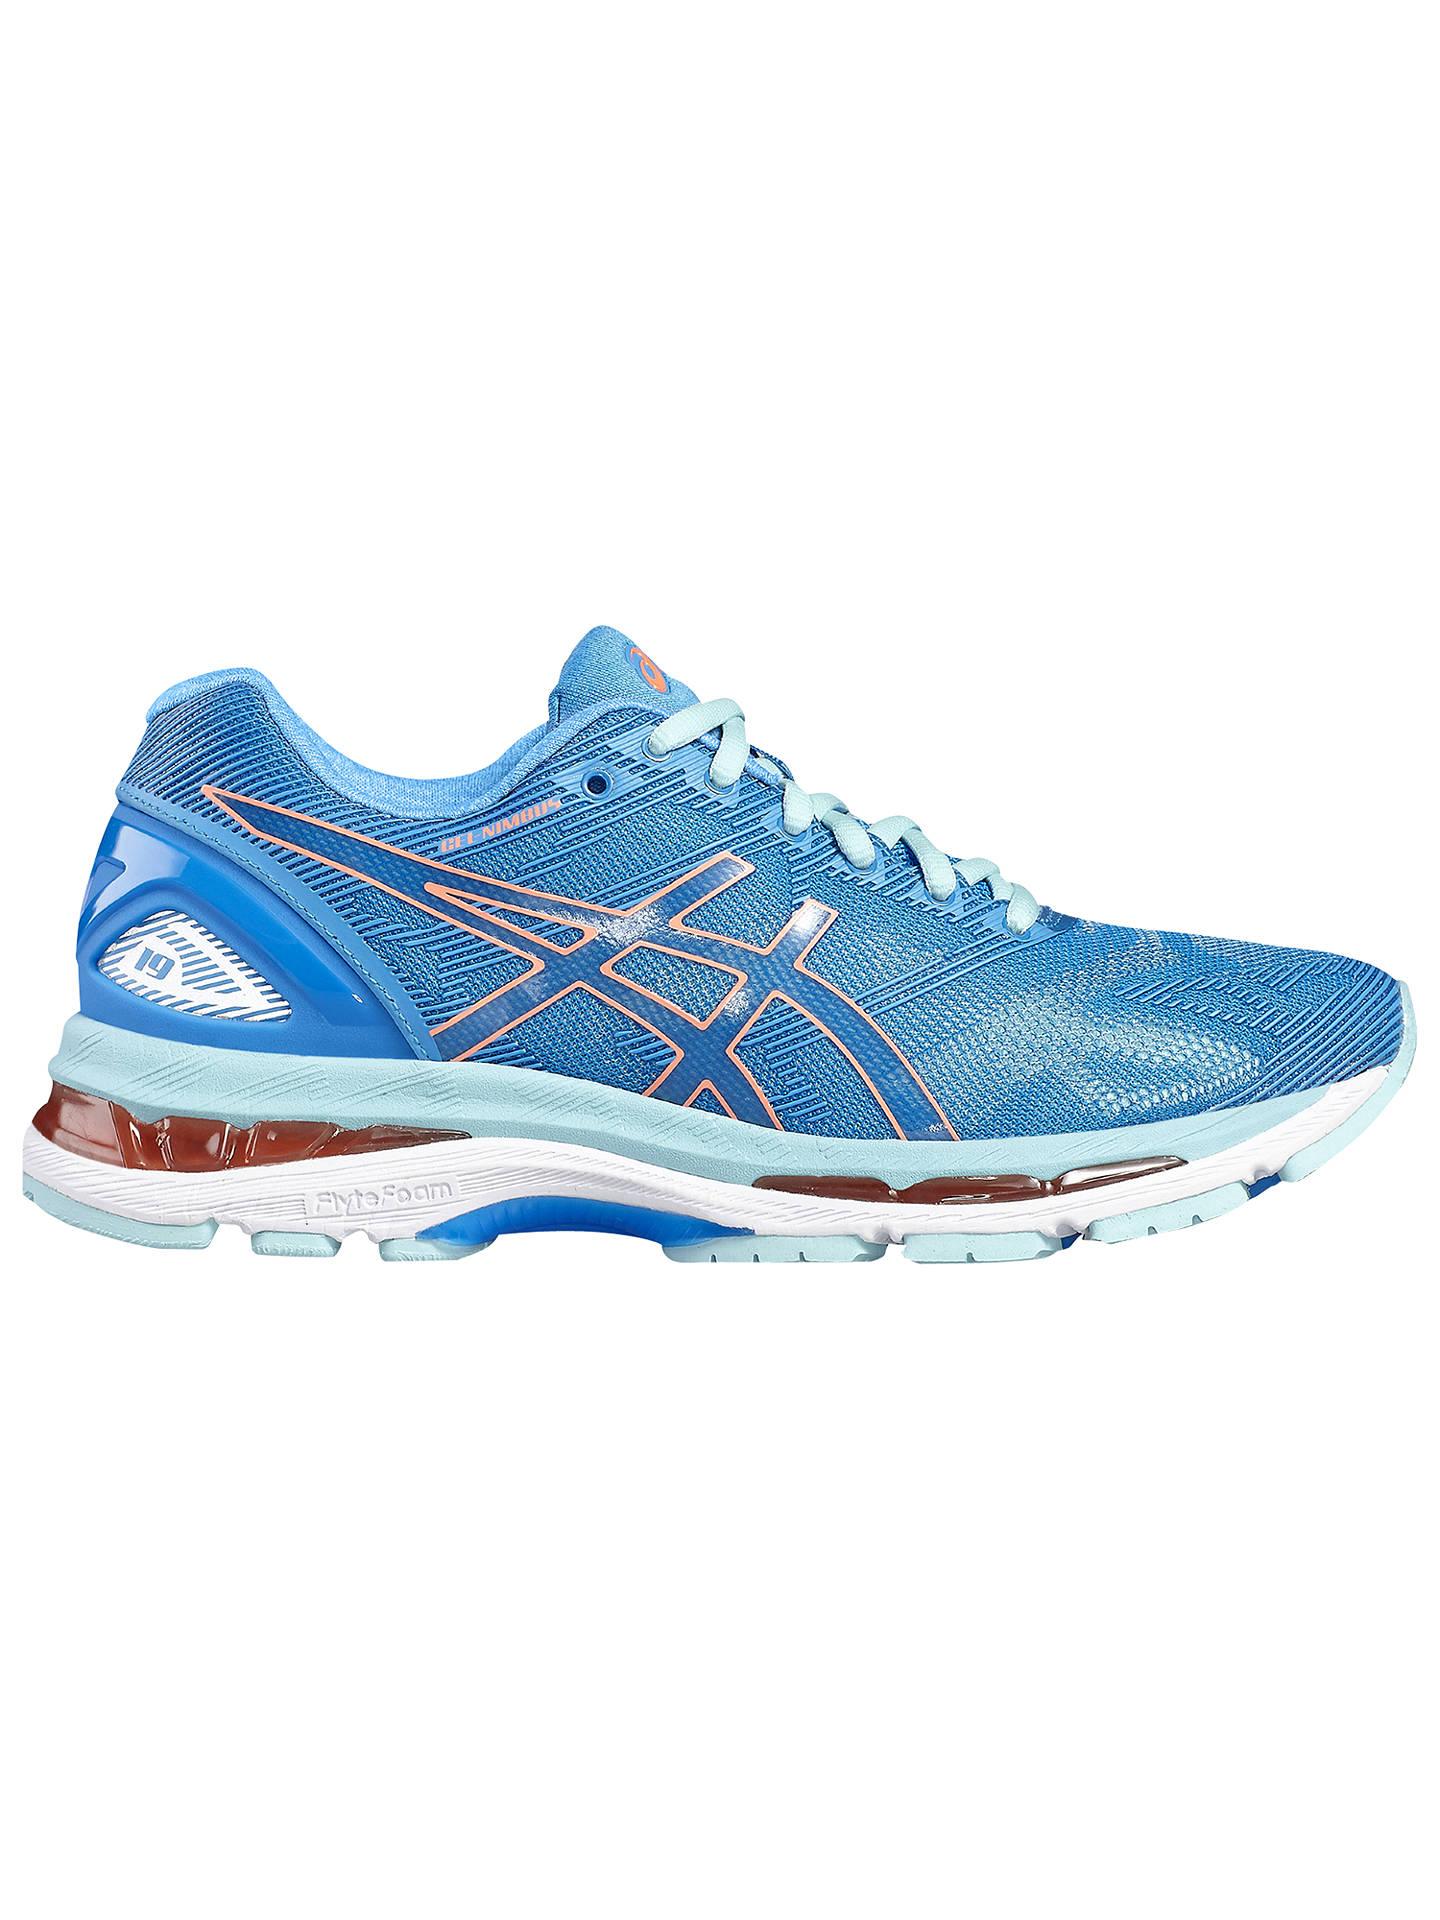 f4b3249caeda Buy Asics Gel-Nimbus 19 Women s Running Shoes